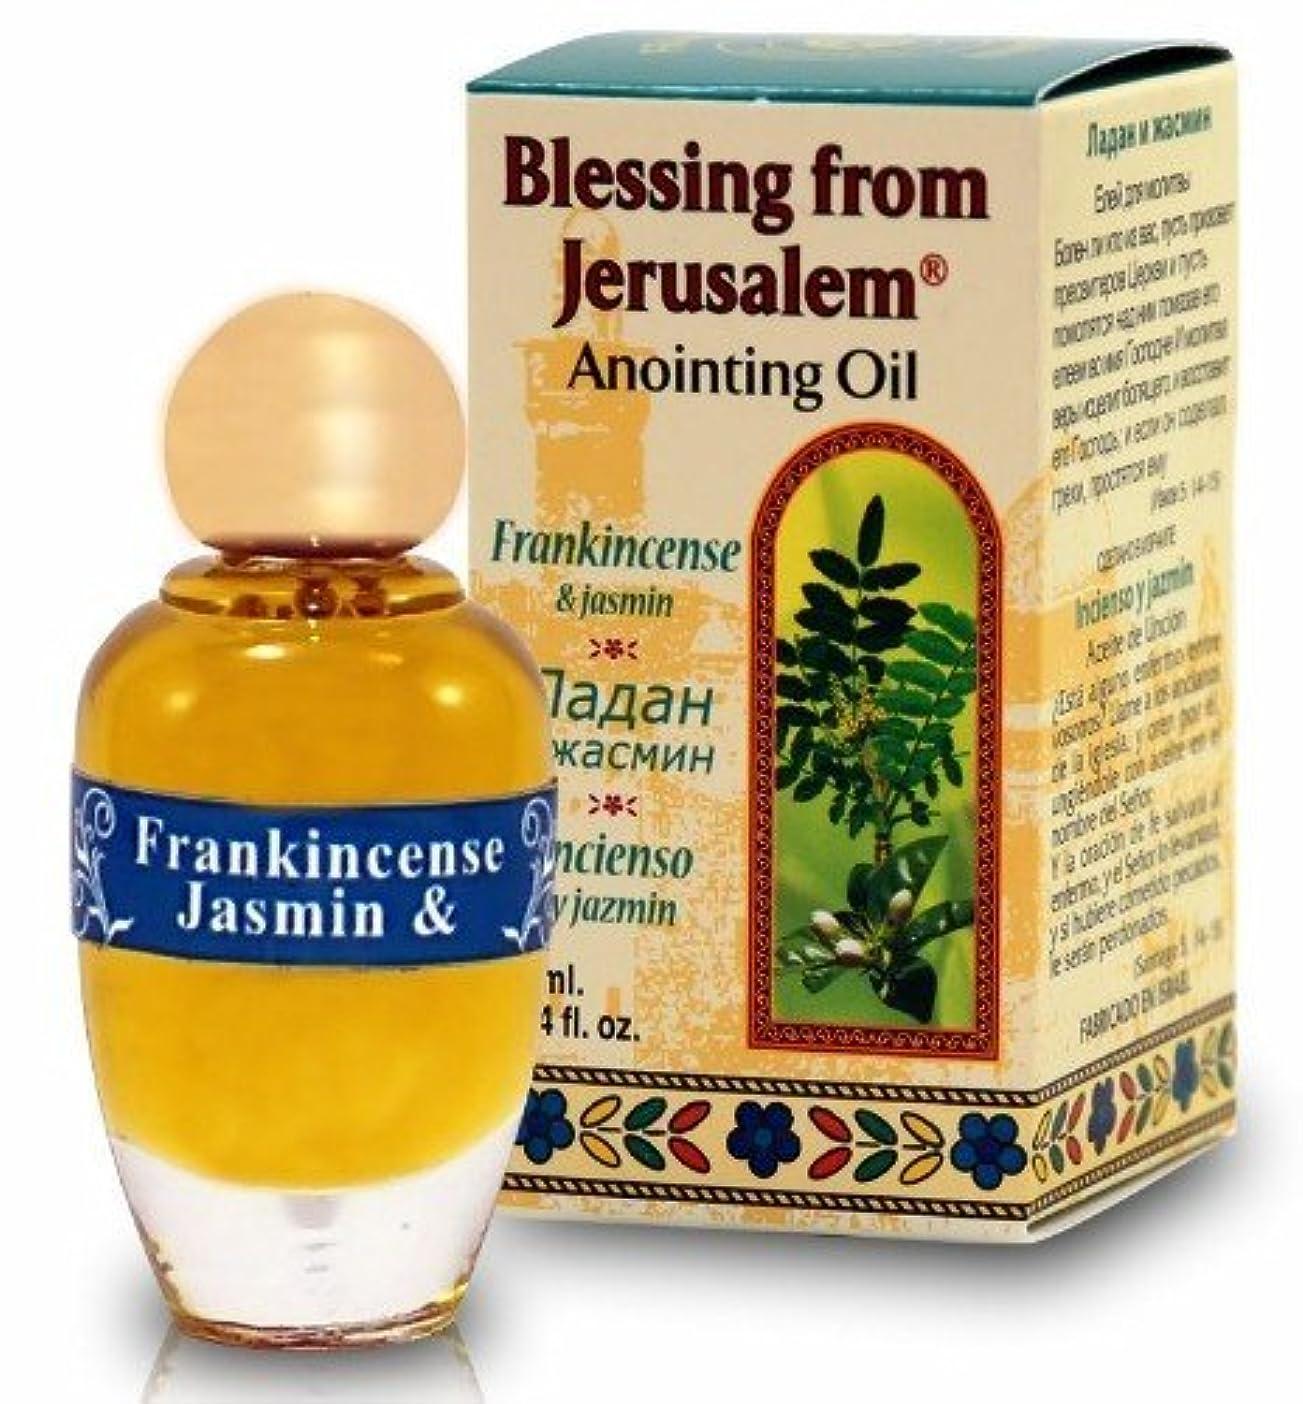 マナー突然調整Top Seller Frankincense &ジャスミンAnointing Oil byベツレヘムギフトTM